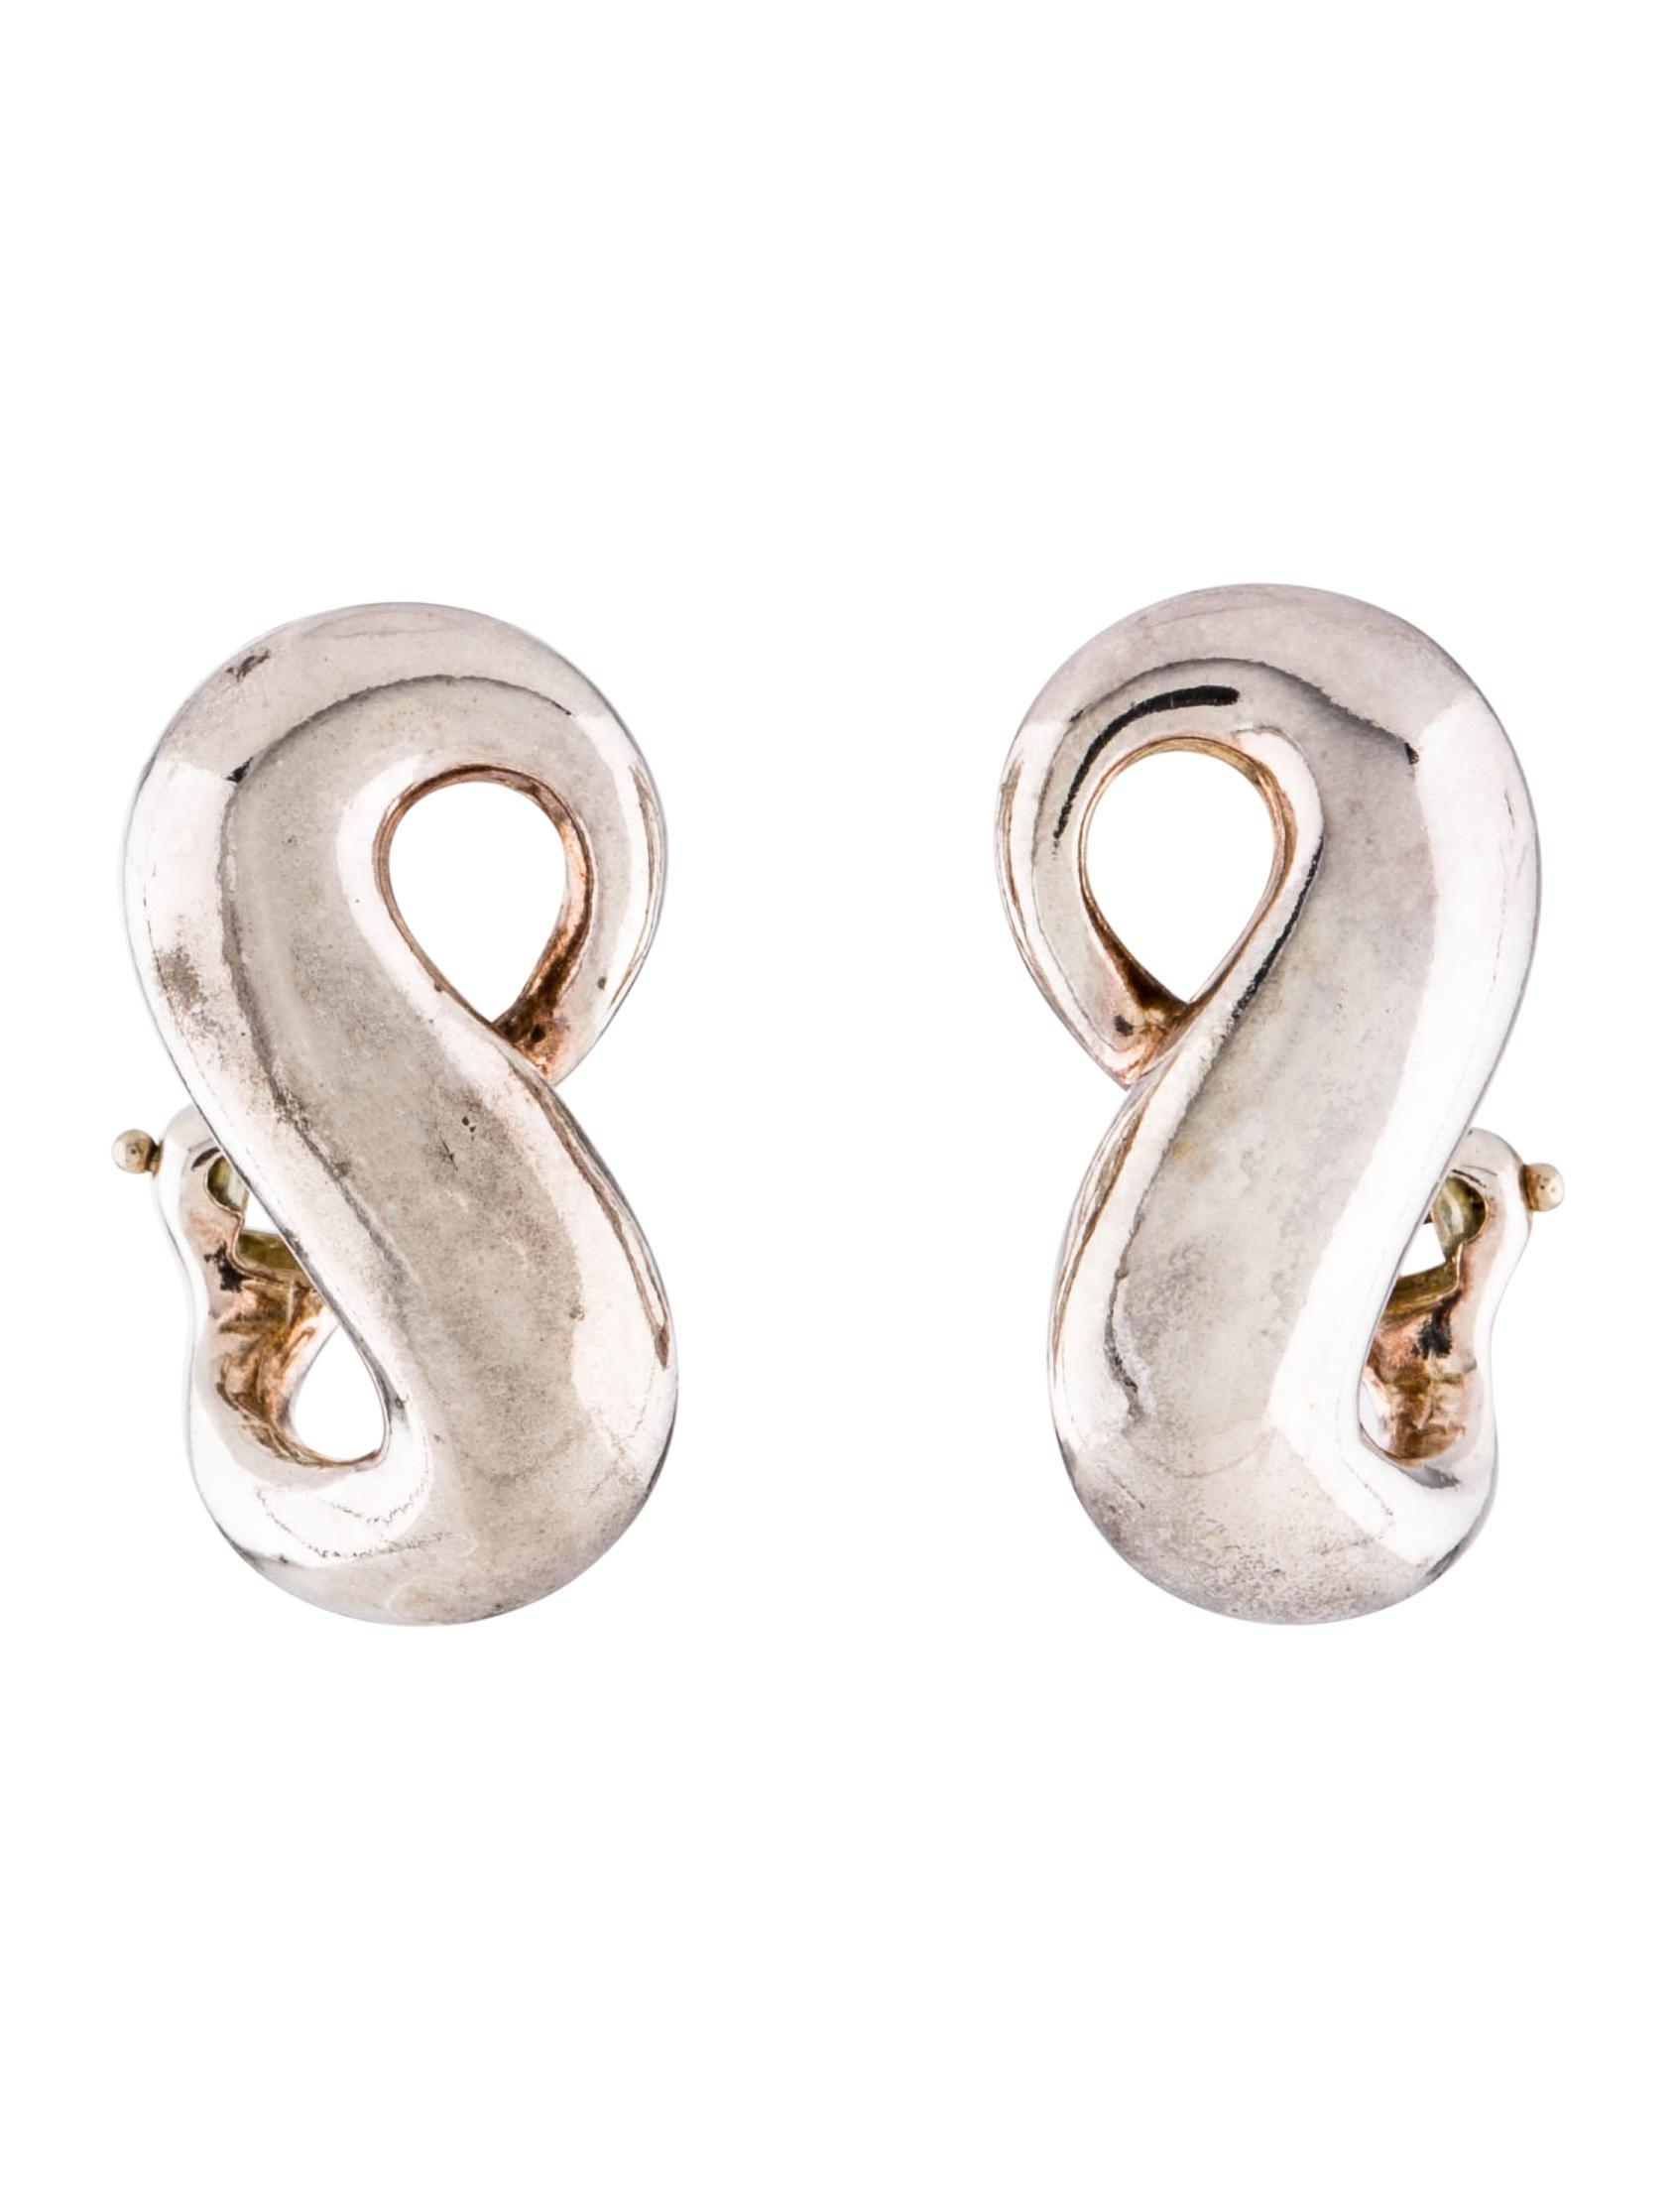 36b46988d Tiffany & Co. Infinity Earclip Earrings - Earrings - TIF76691 | The ...